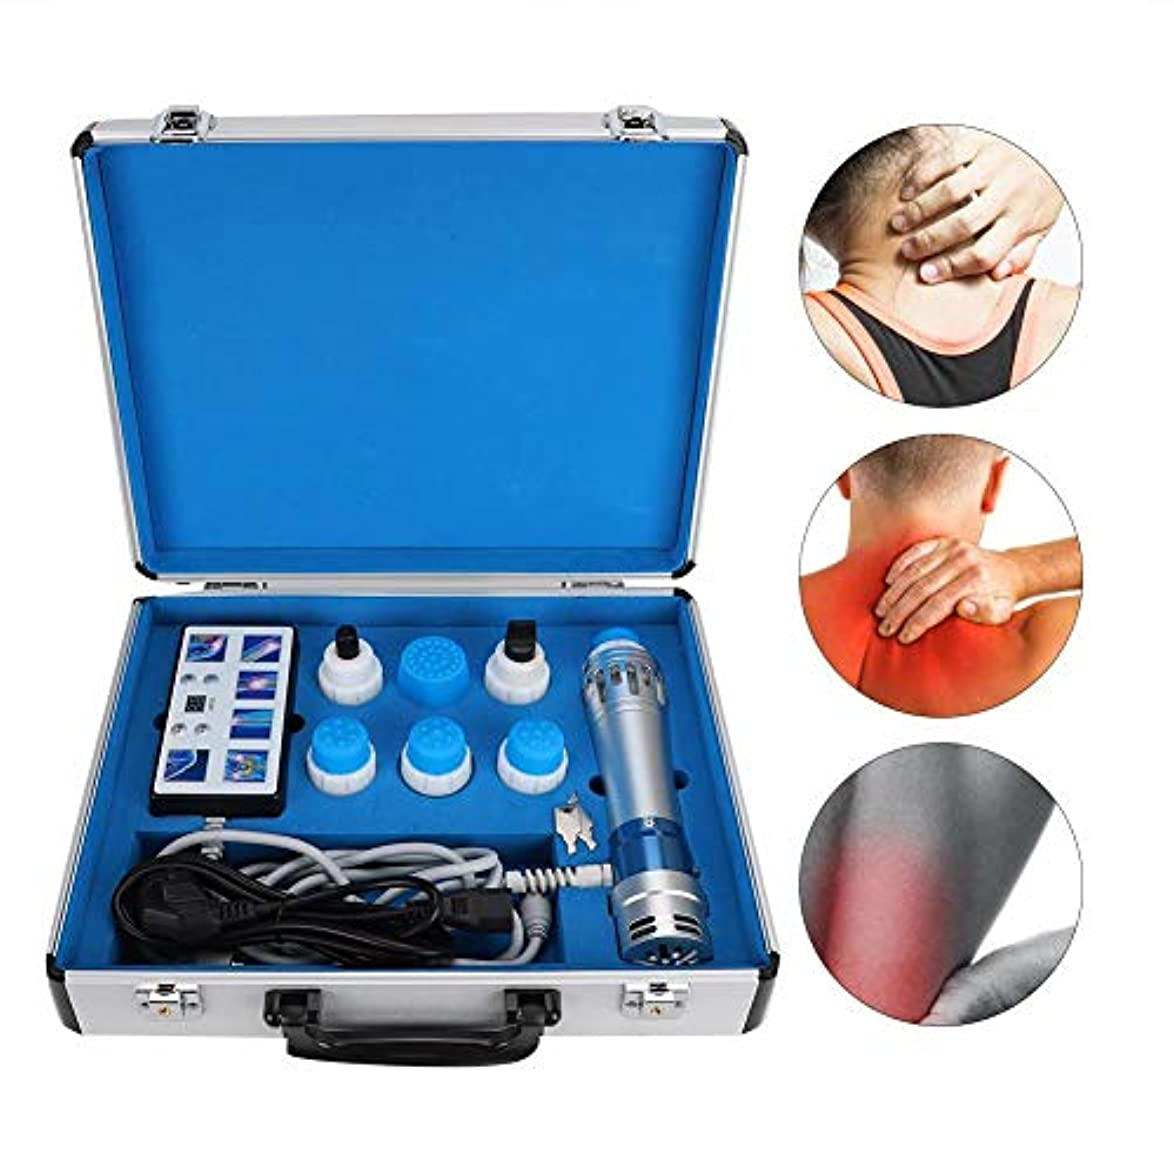 連邦識字翻訳者ED体外衝撃波治療器、多機能疼痛緩和マッサージ器(USプラグ110V)